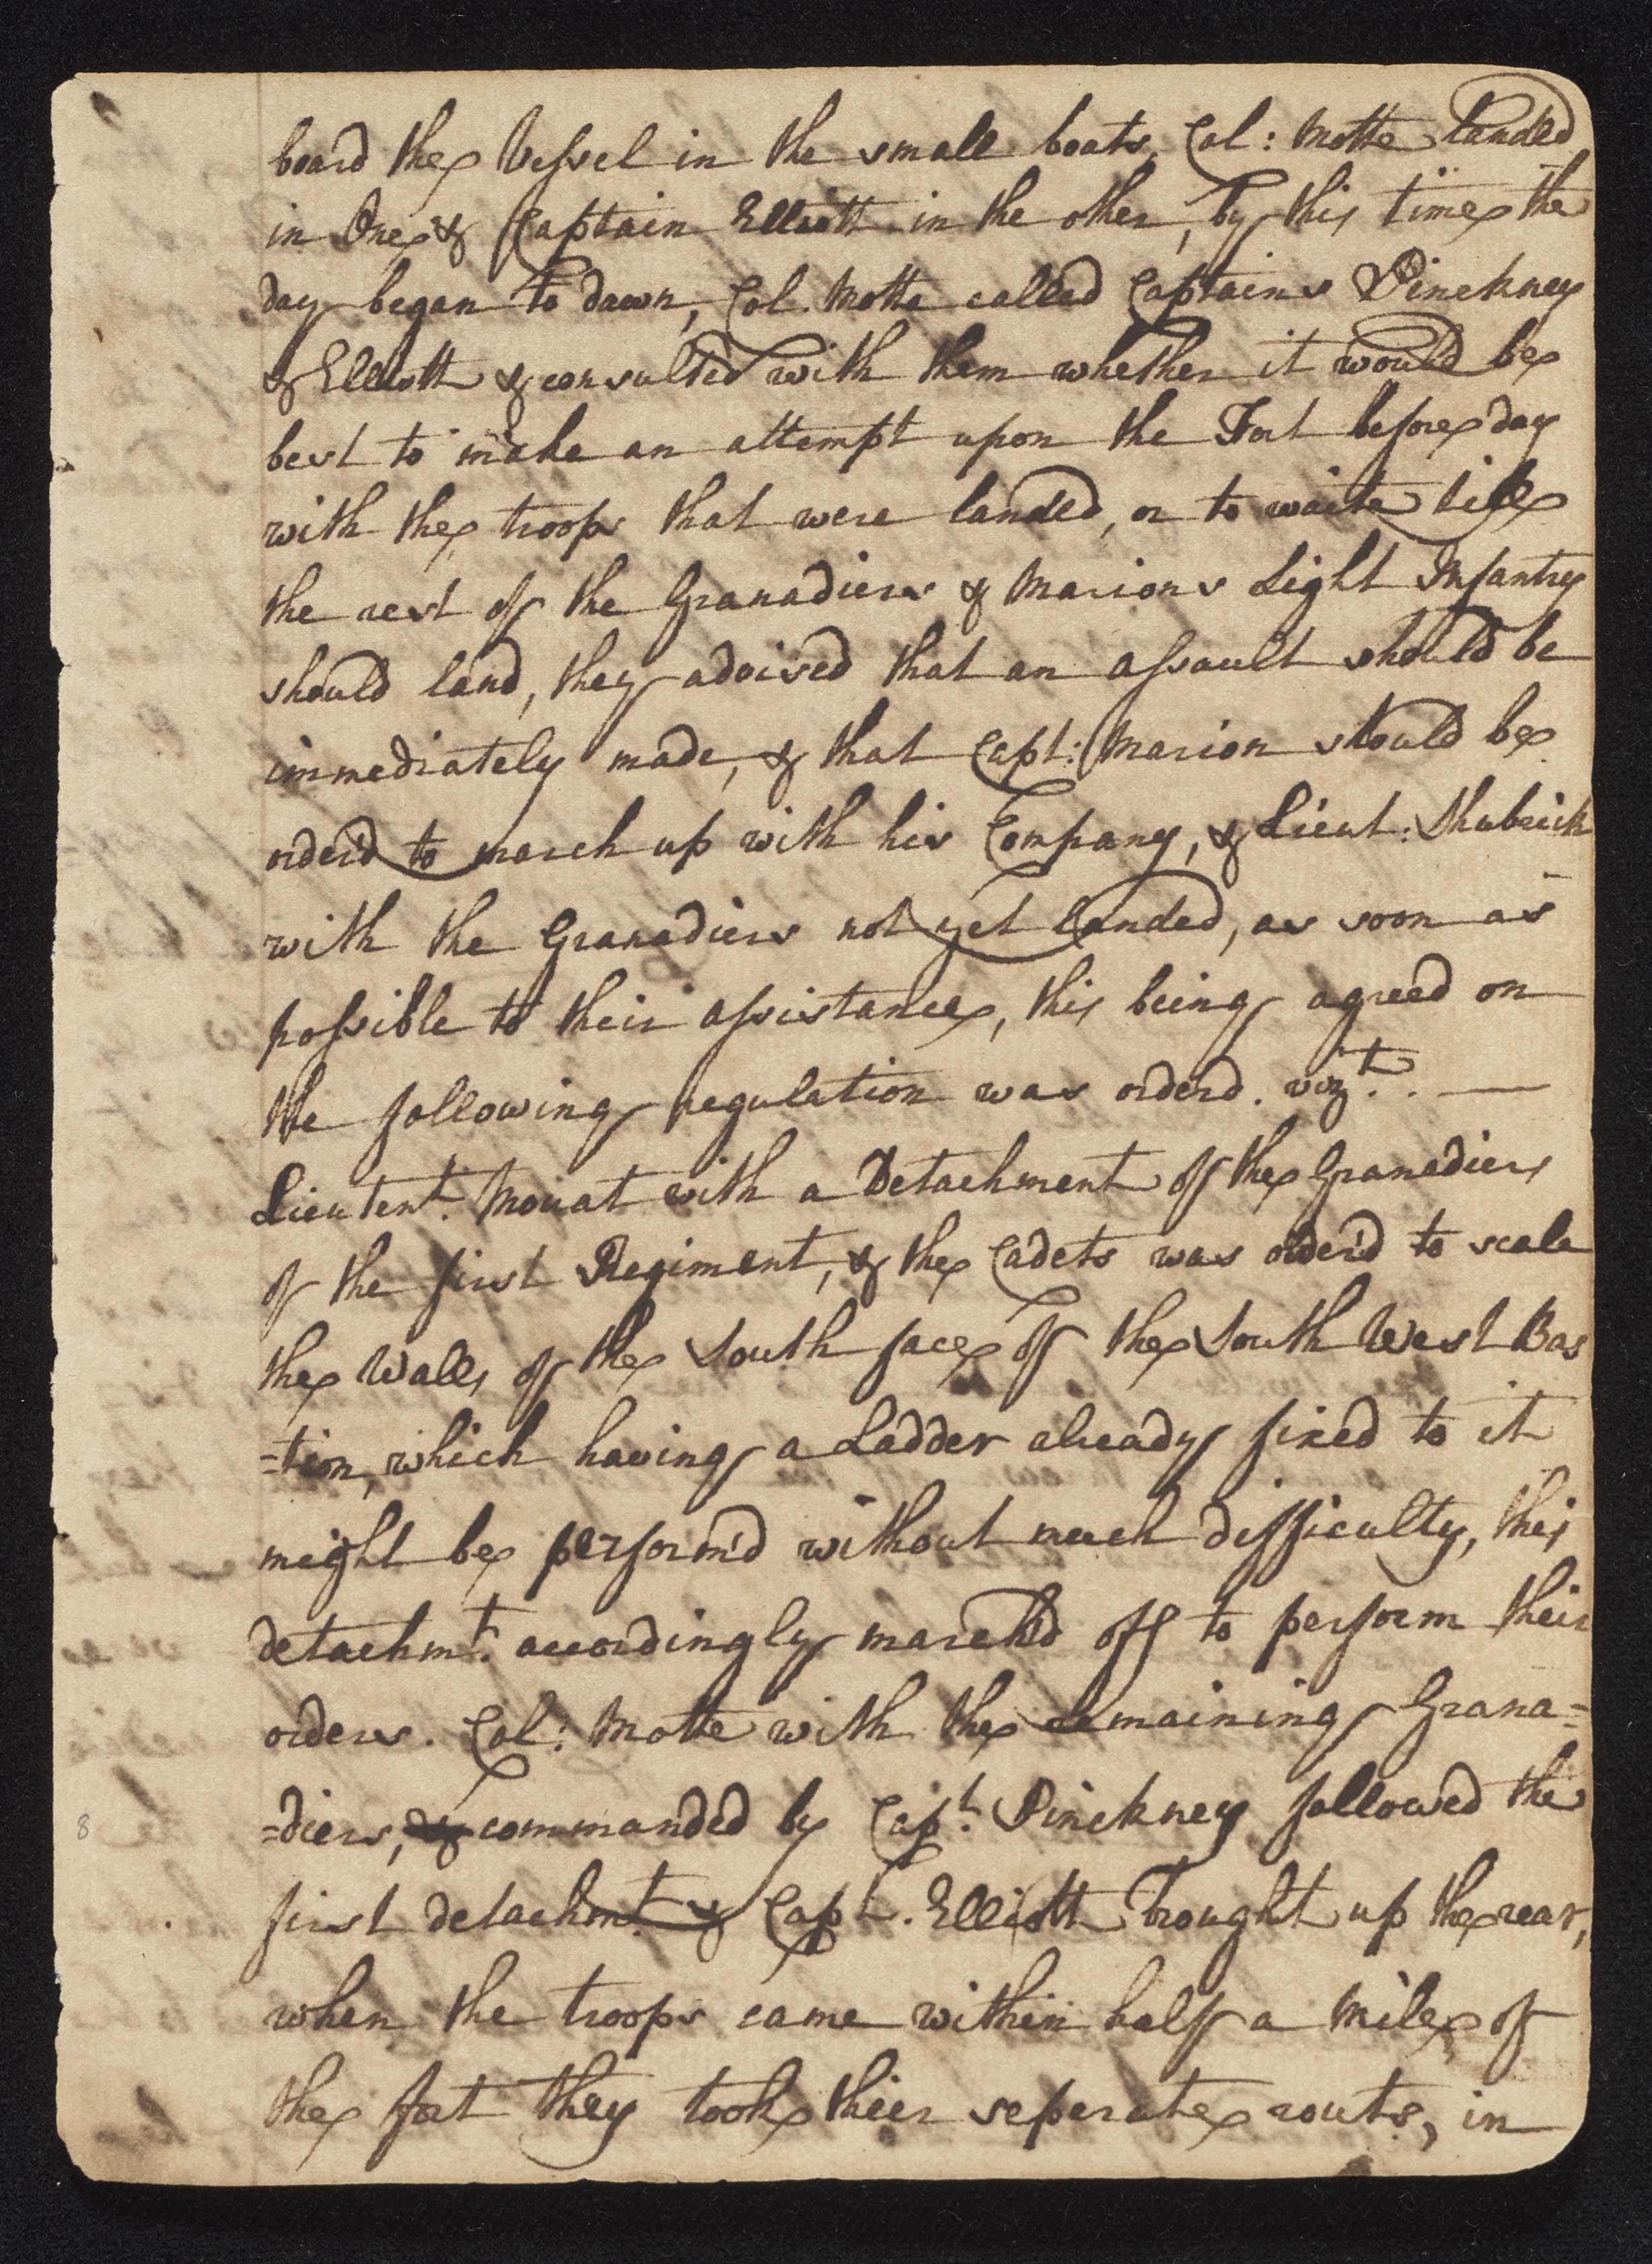 South Carolina Regiment Order Book, Page 15